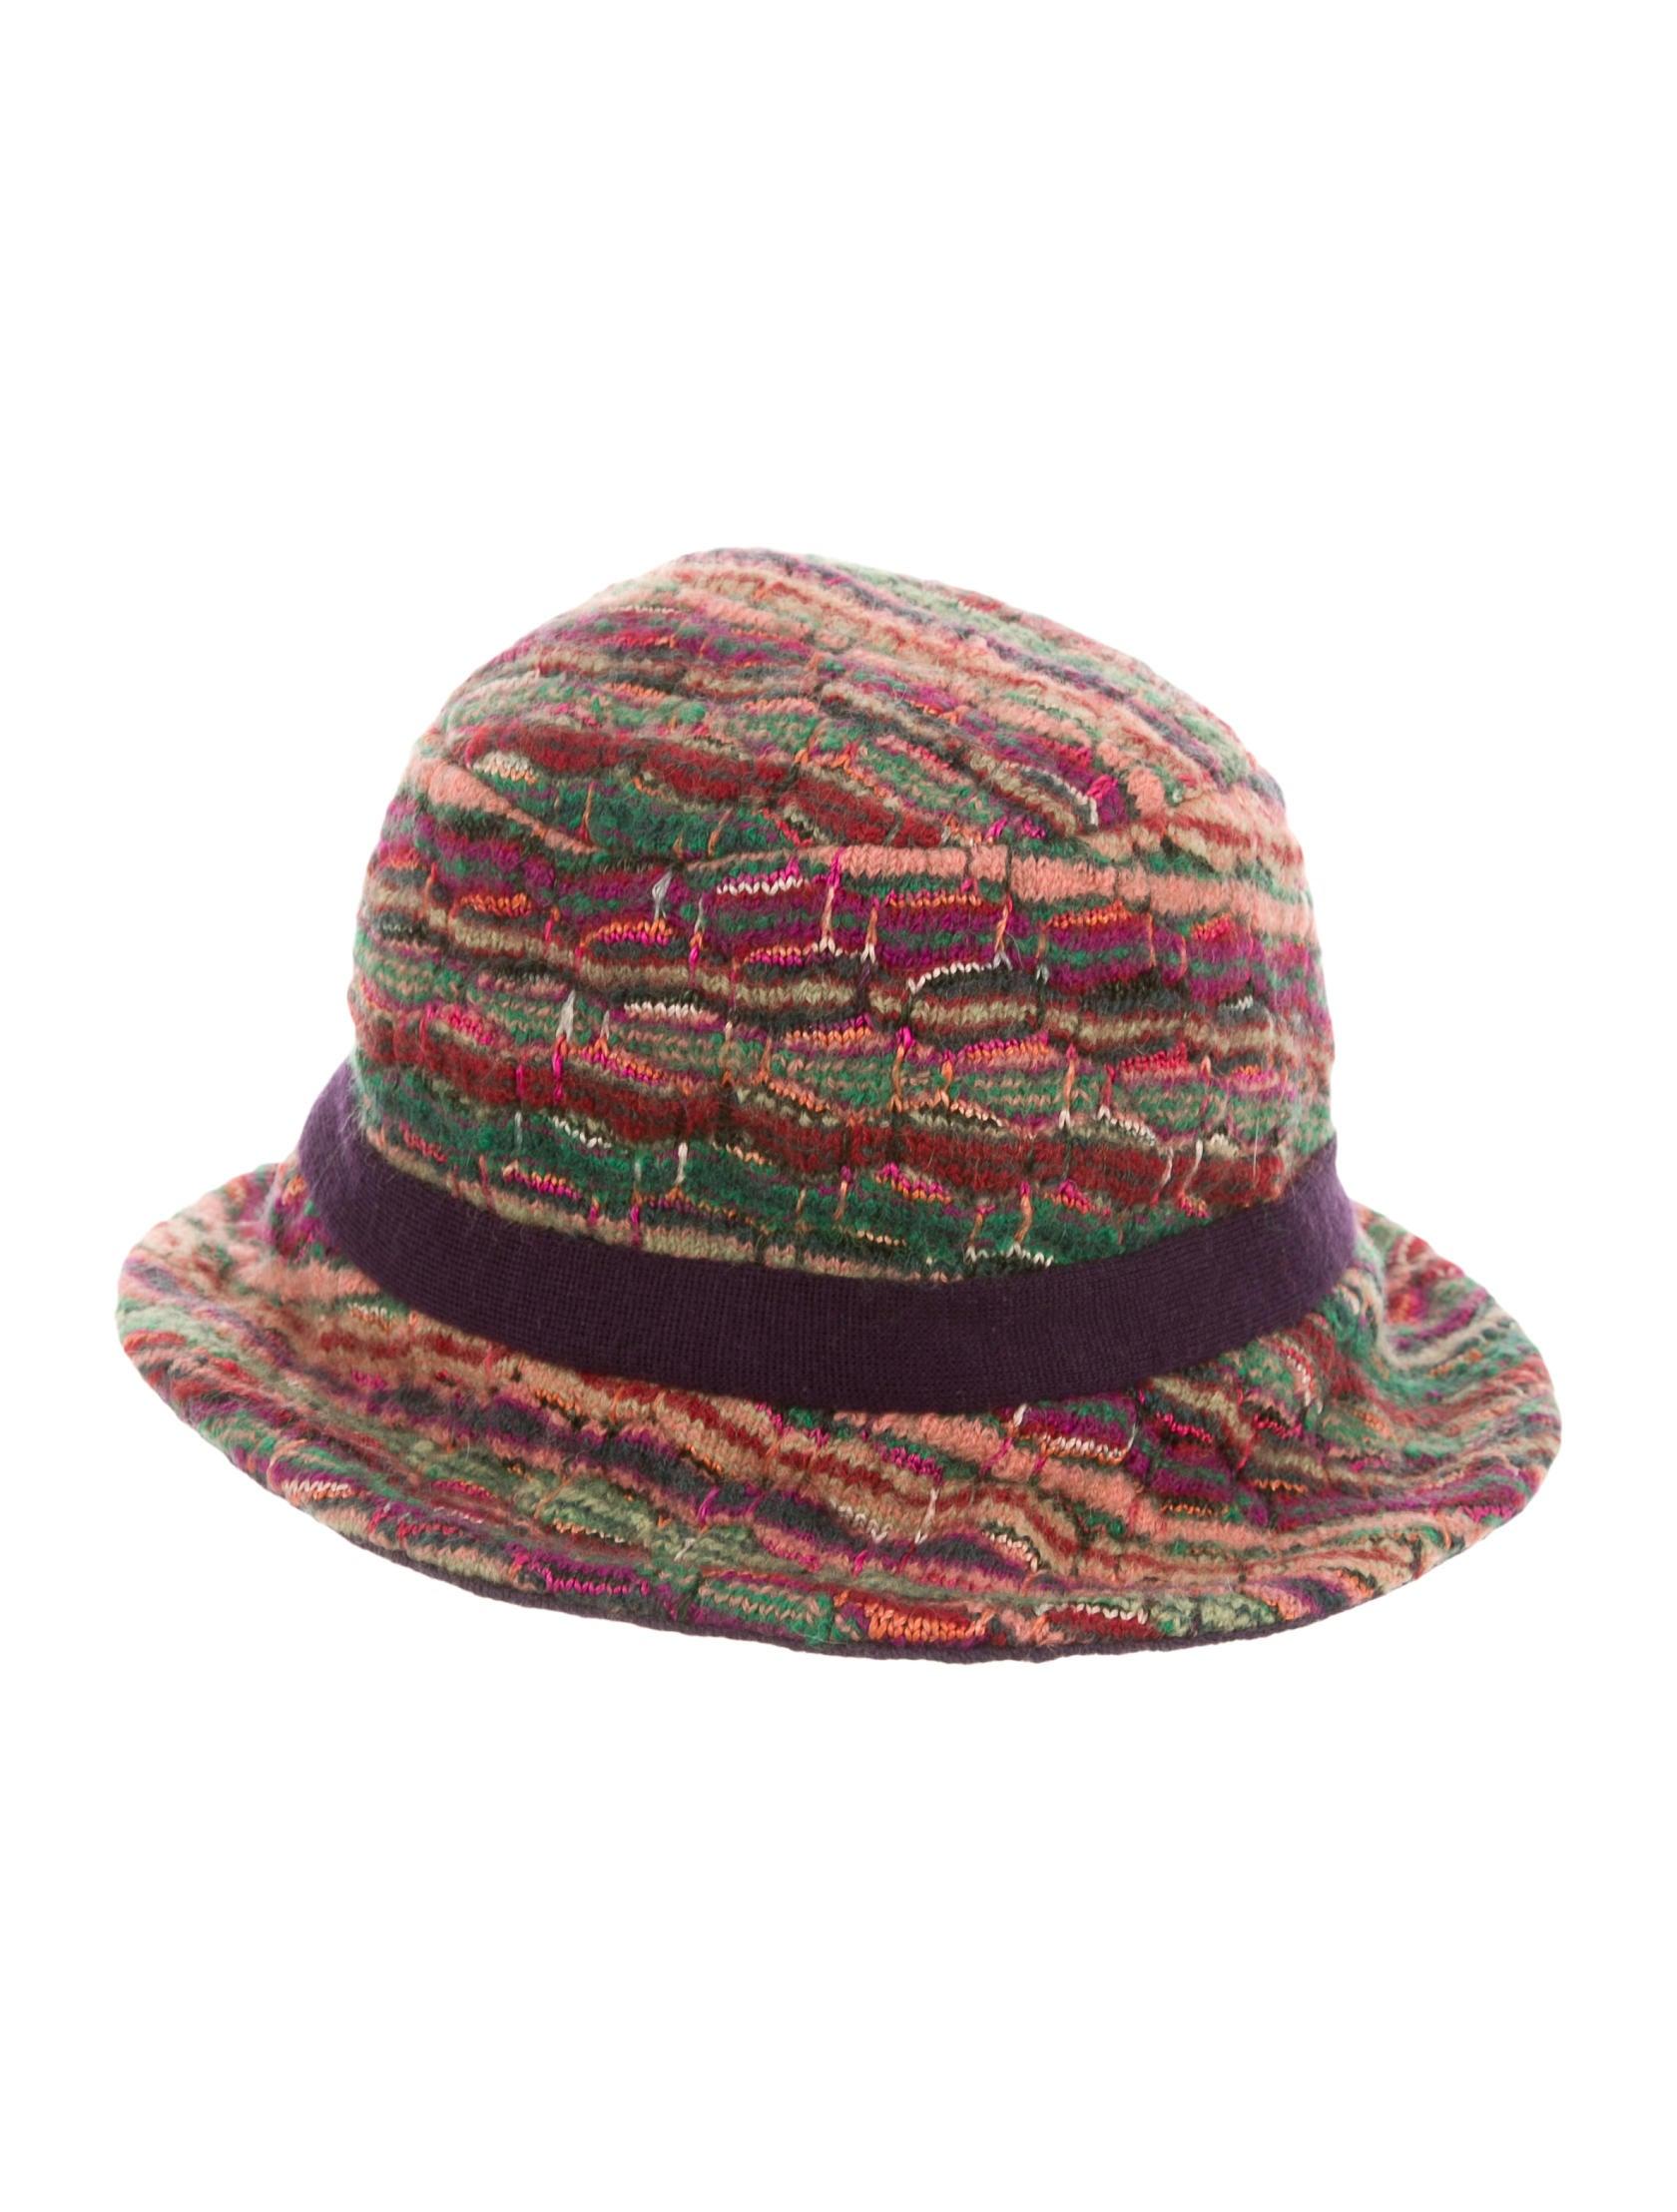 Missoni Multicolor Bucket Hat - Accessories - MIS35597  05faa7485a9